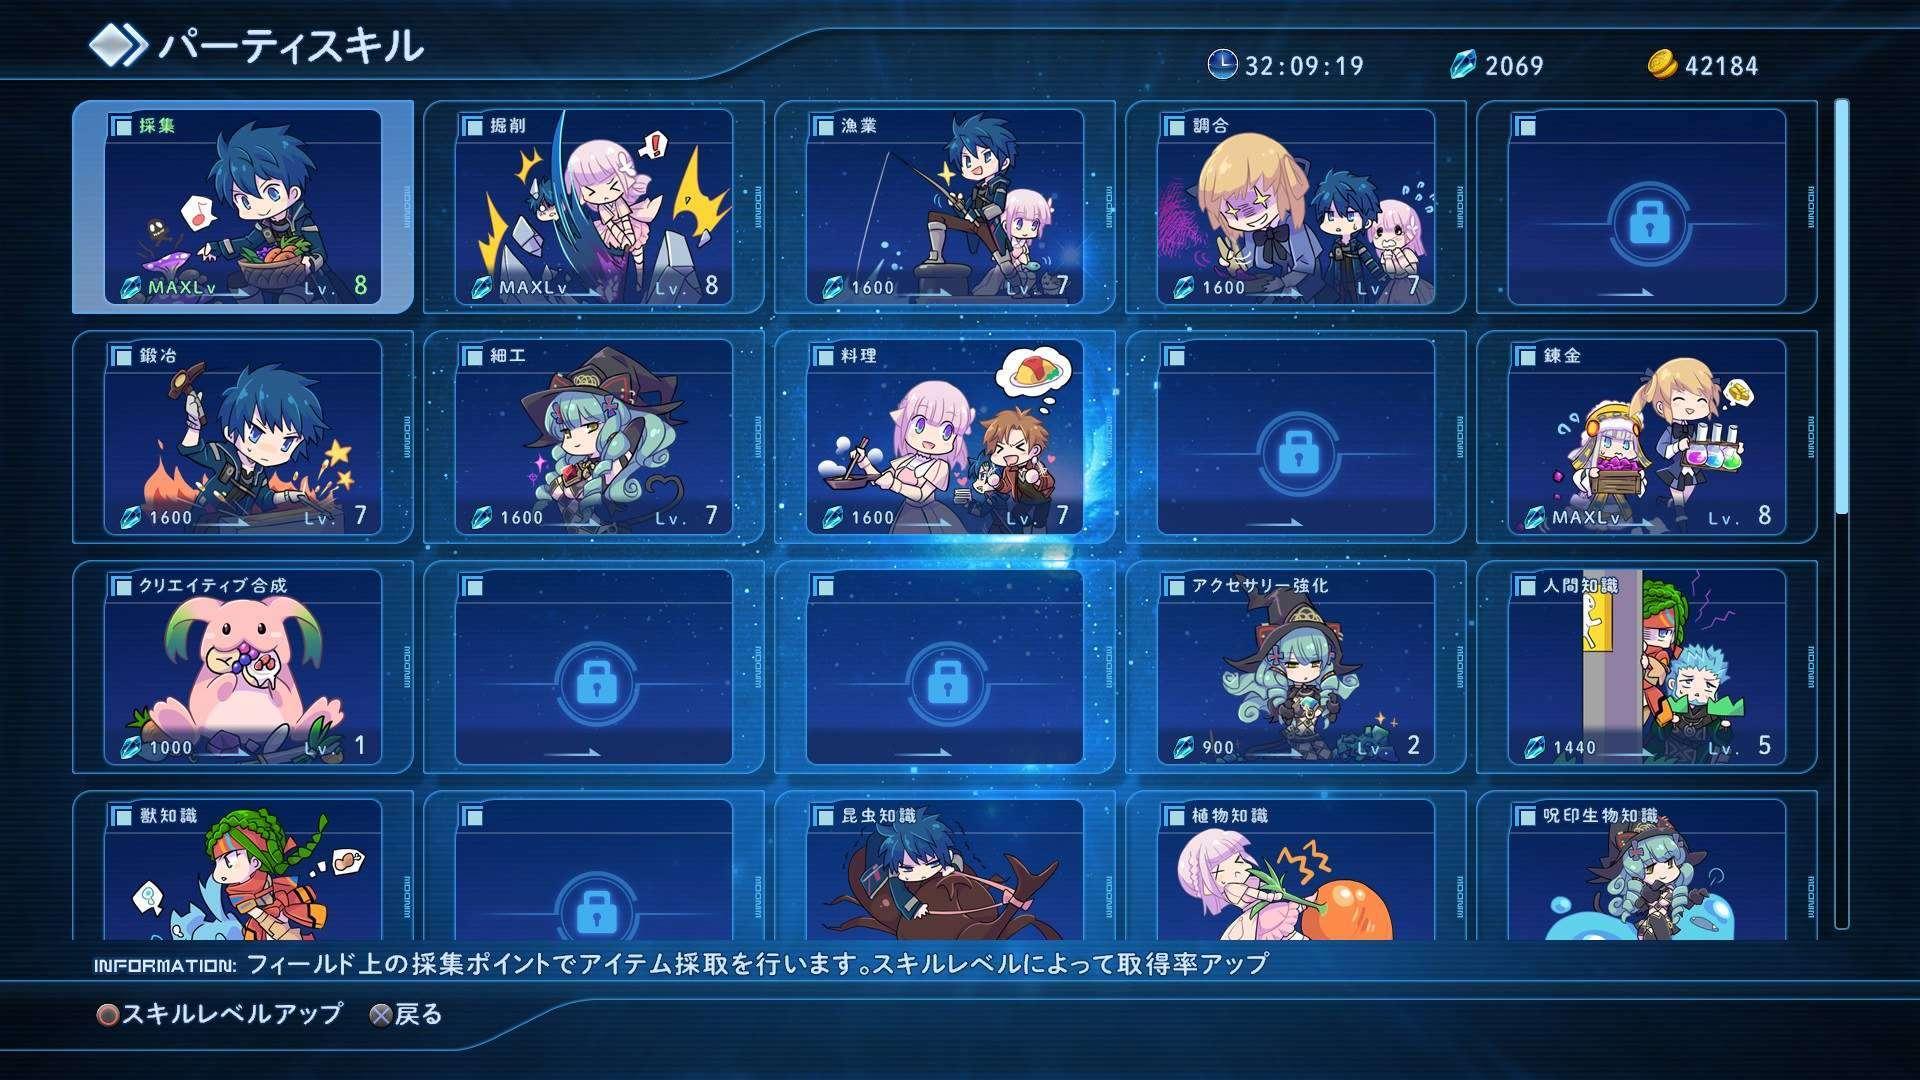 Party Skill (tri-Ace, Inc / Square Enix)